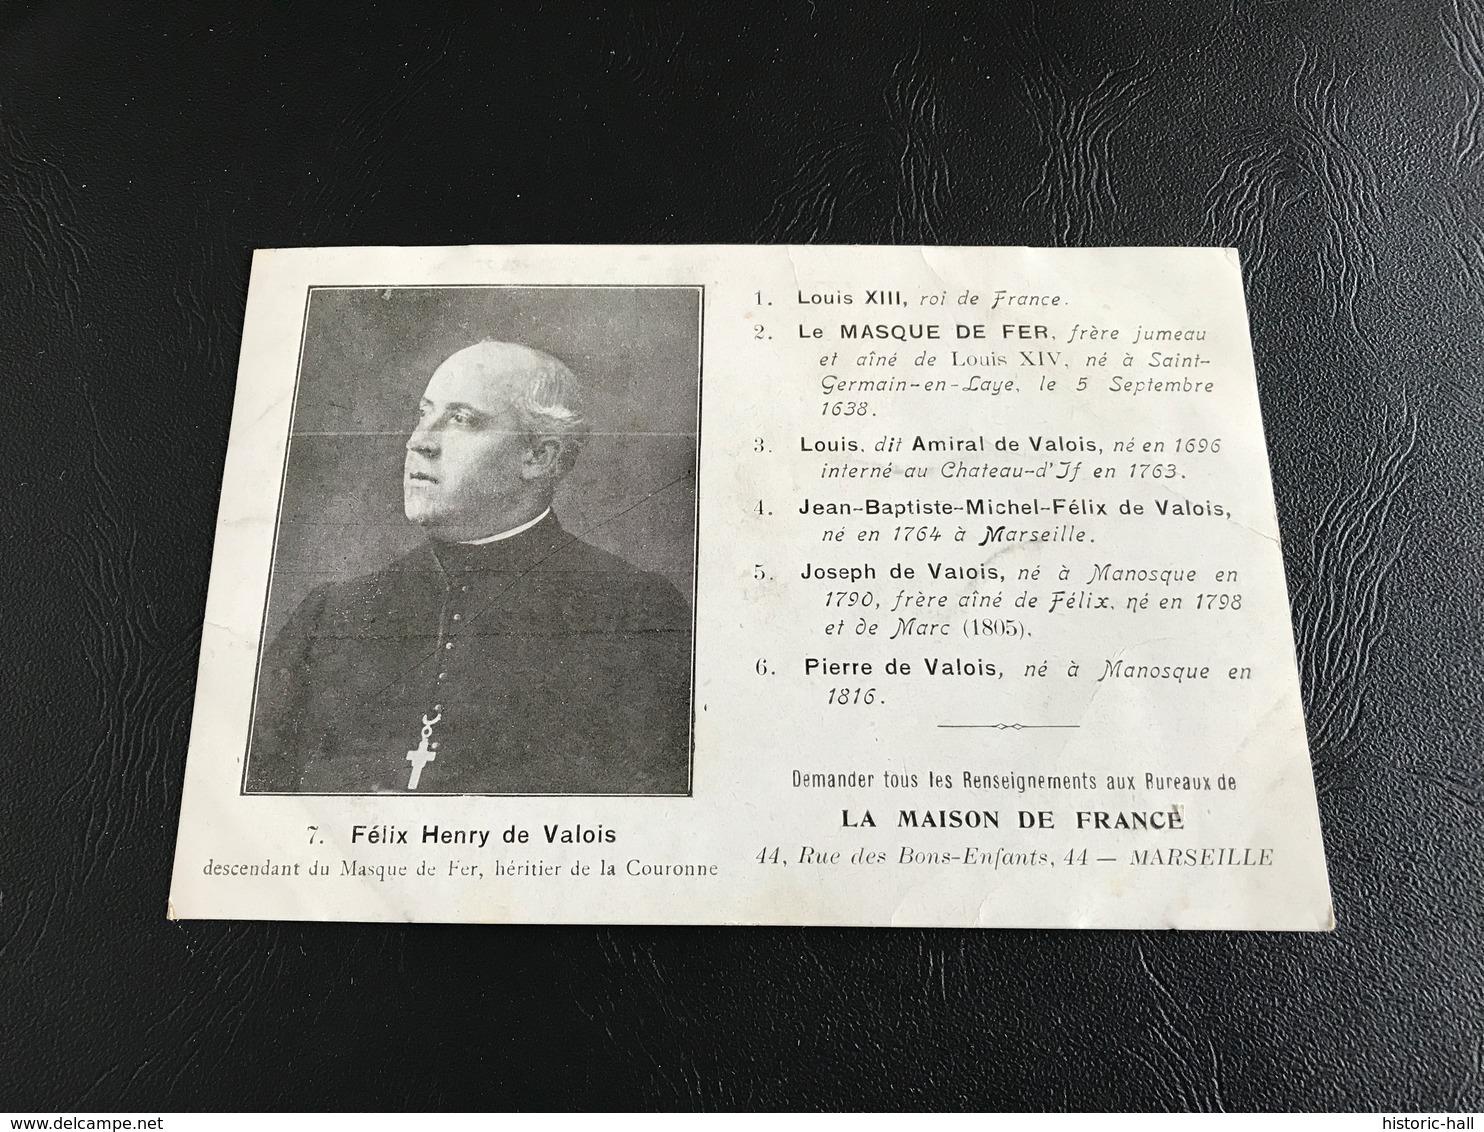 7 - FELIX HENRY De VALOIS Descendant Du Masque De Fer, Heritier De La Couronne - 1912 - Hommes Politiques & Militaires